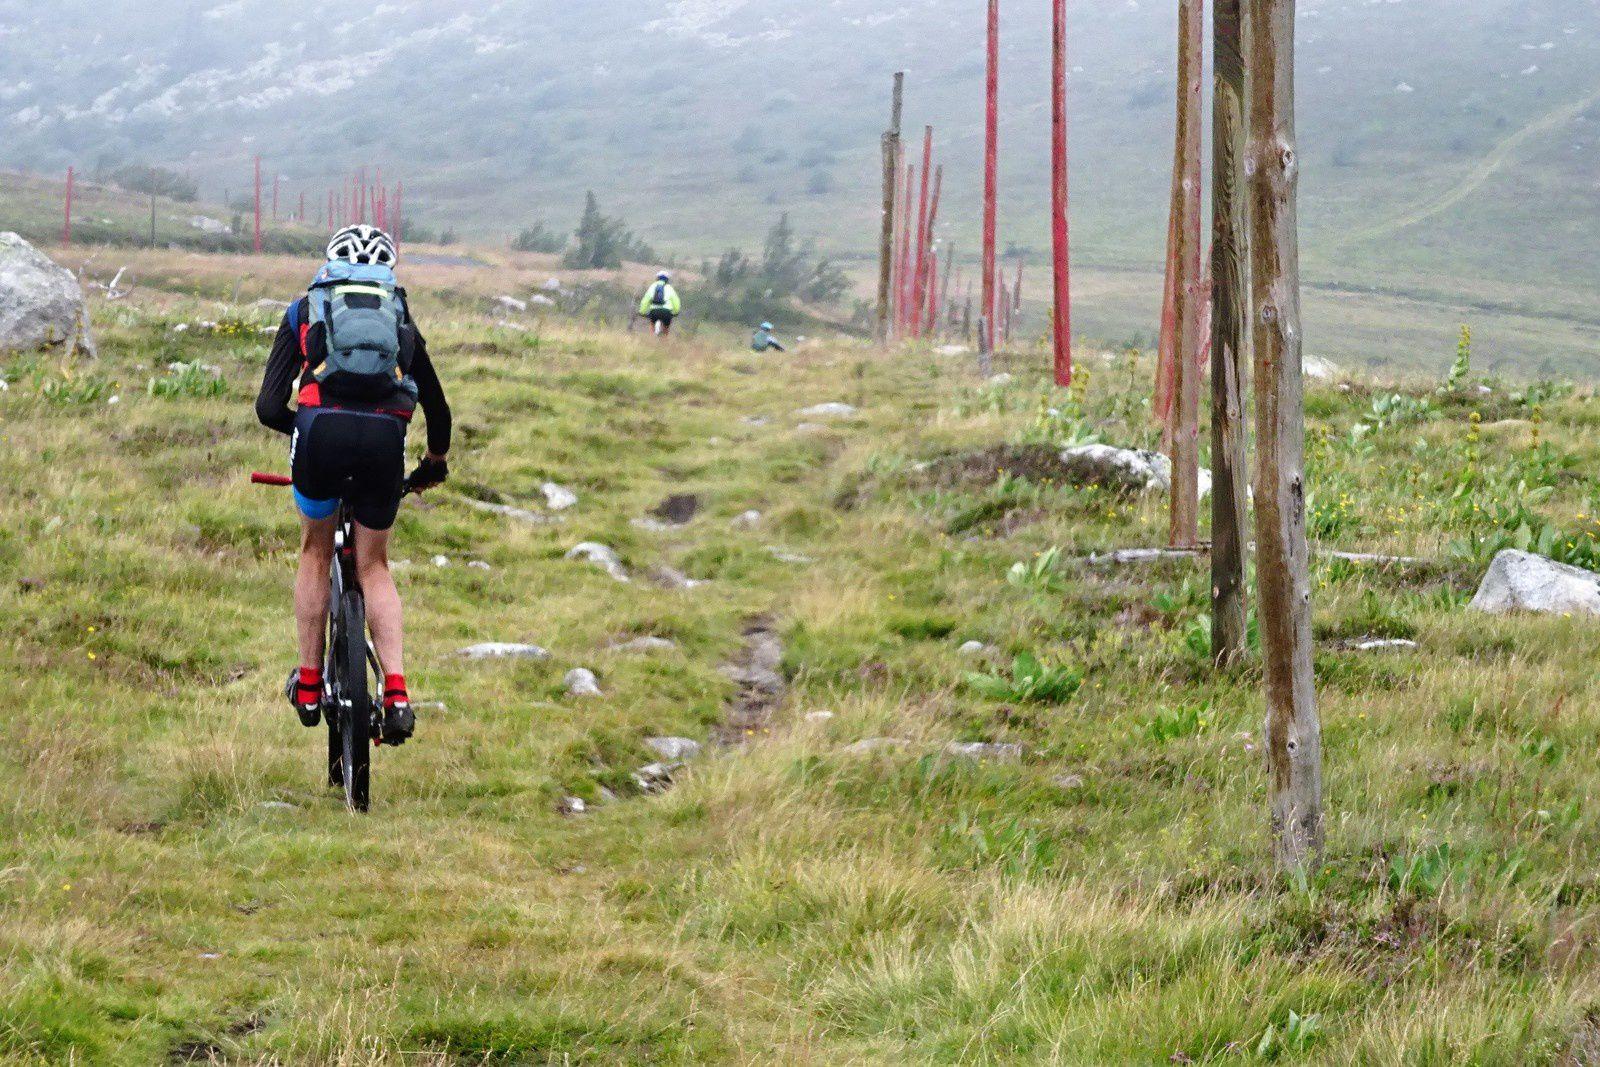 On prend le GR en direction du Béal, au col de la Chamboite on bifurque en direction du refuge de la loge de la morte.